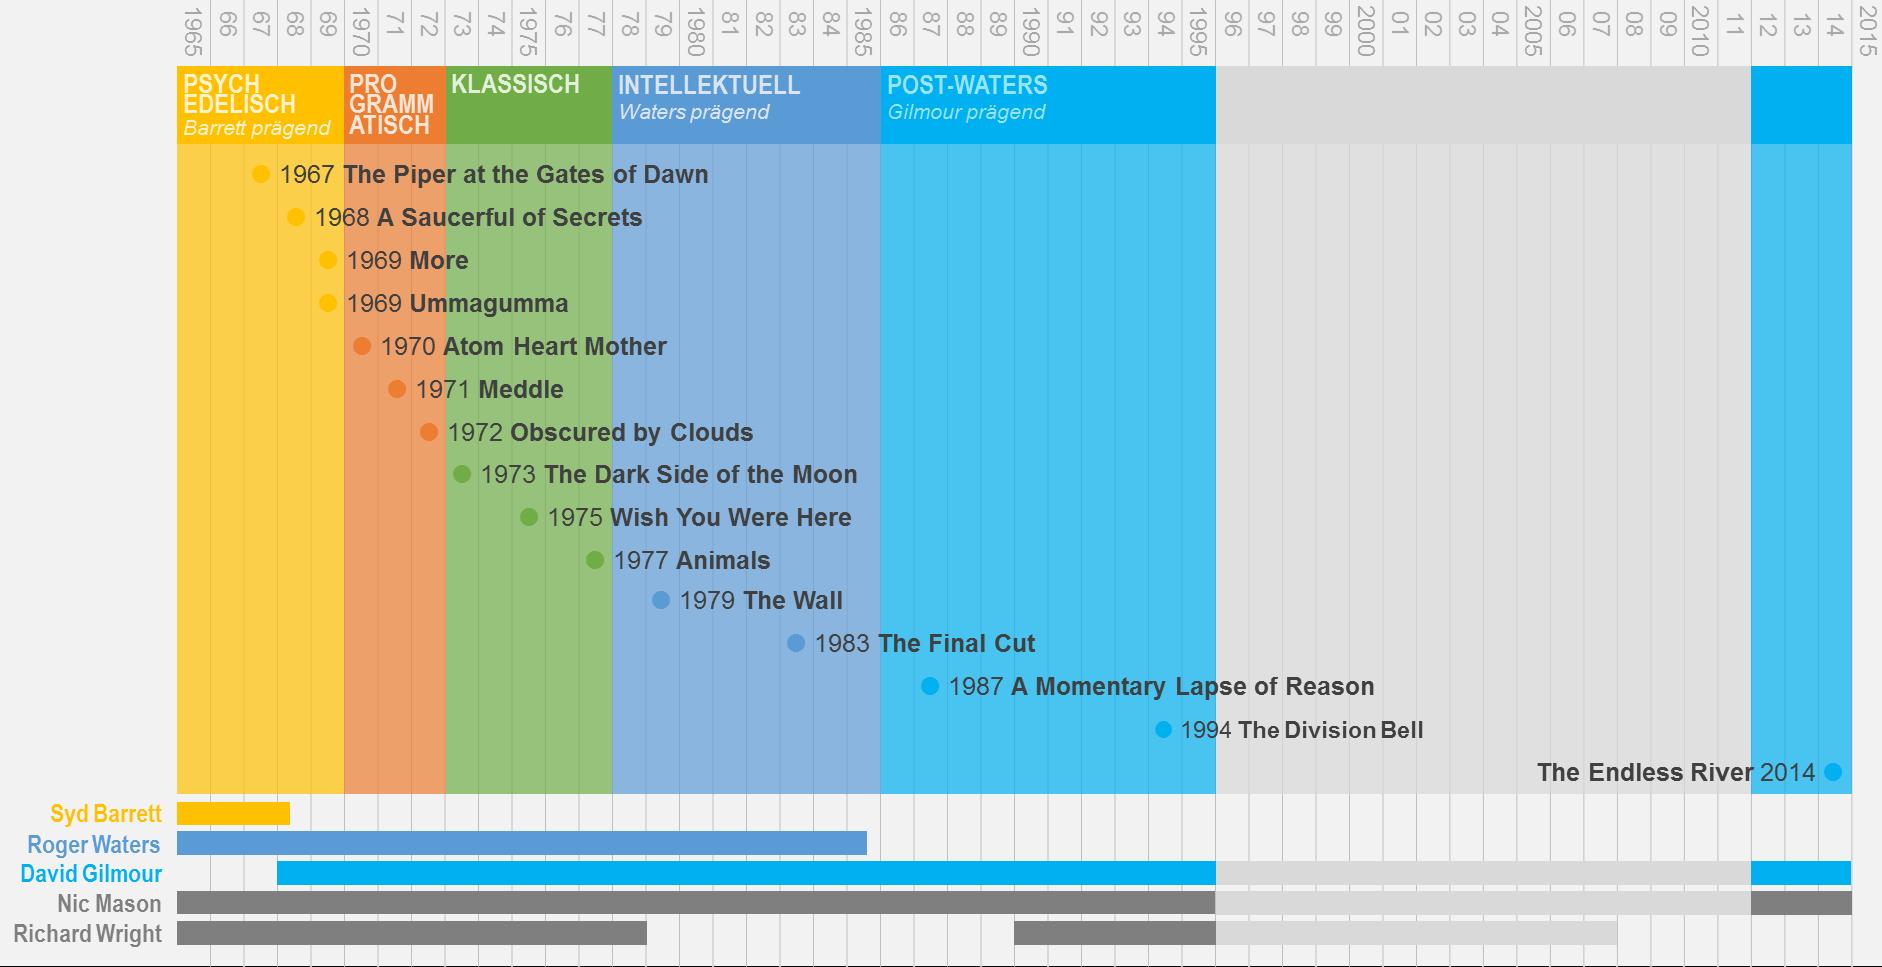 Datei:Pink Floyd Zeitleiste mit Alben und Phasen.png – Wikipedia